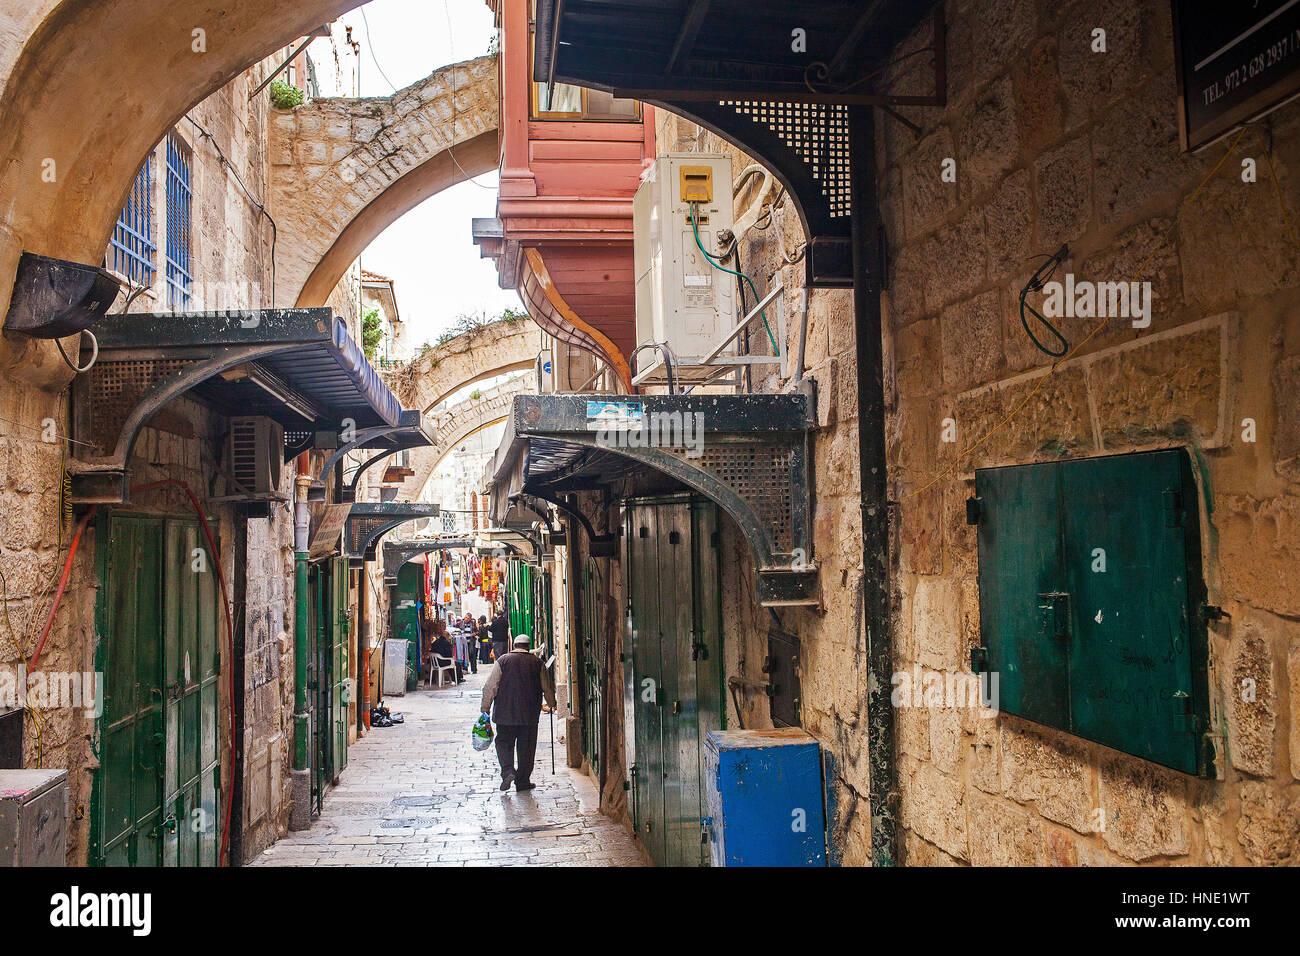 Weg von dem Kreuz, Via Dolorosa-Straße, Altstadt, Jerusalem, Israel. Stockfoto